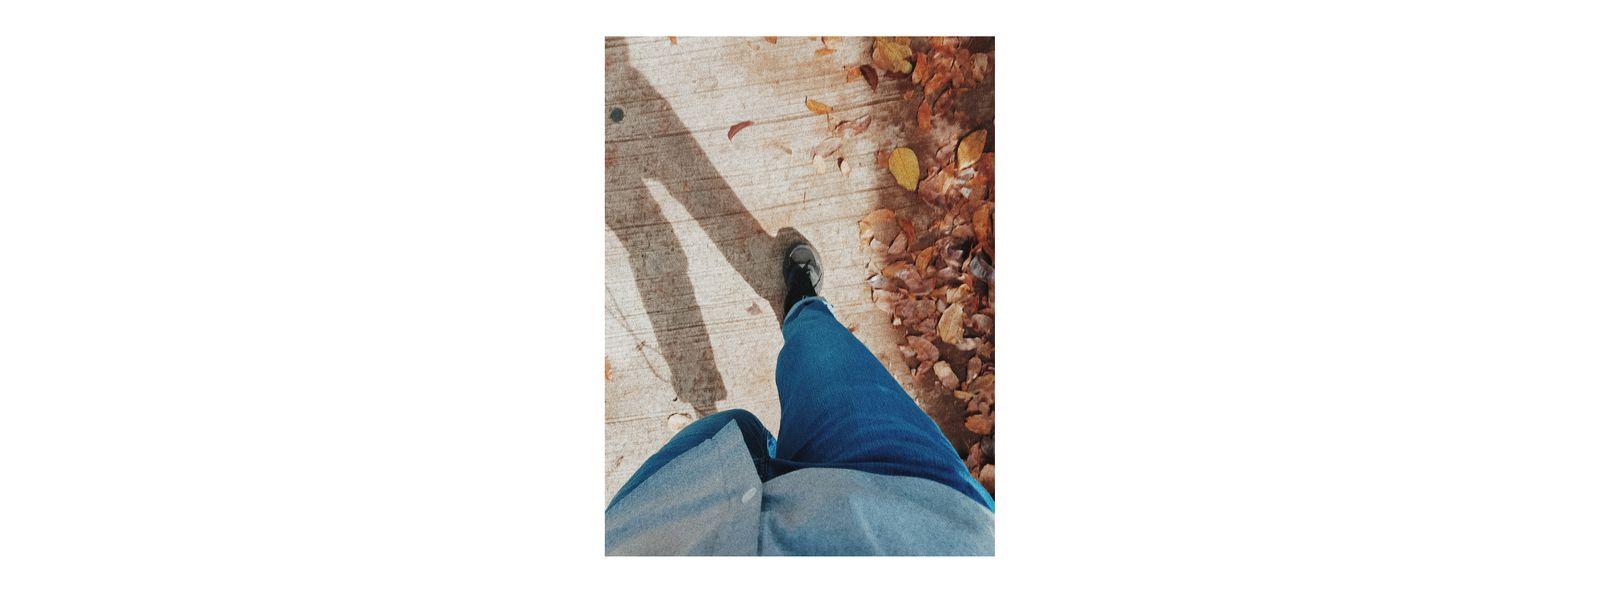 [ daily ] เดินสูดอากาศยามเช้า